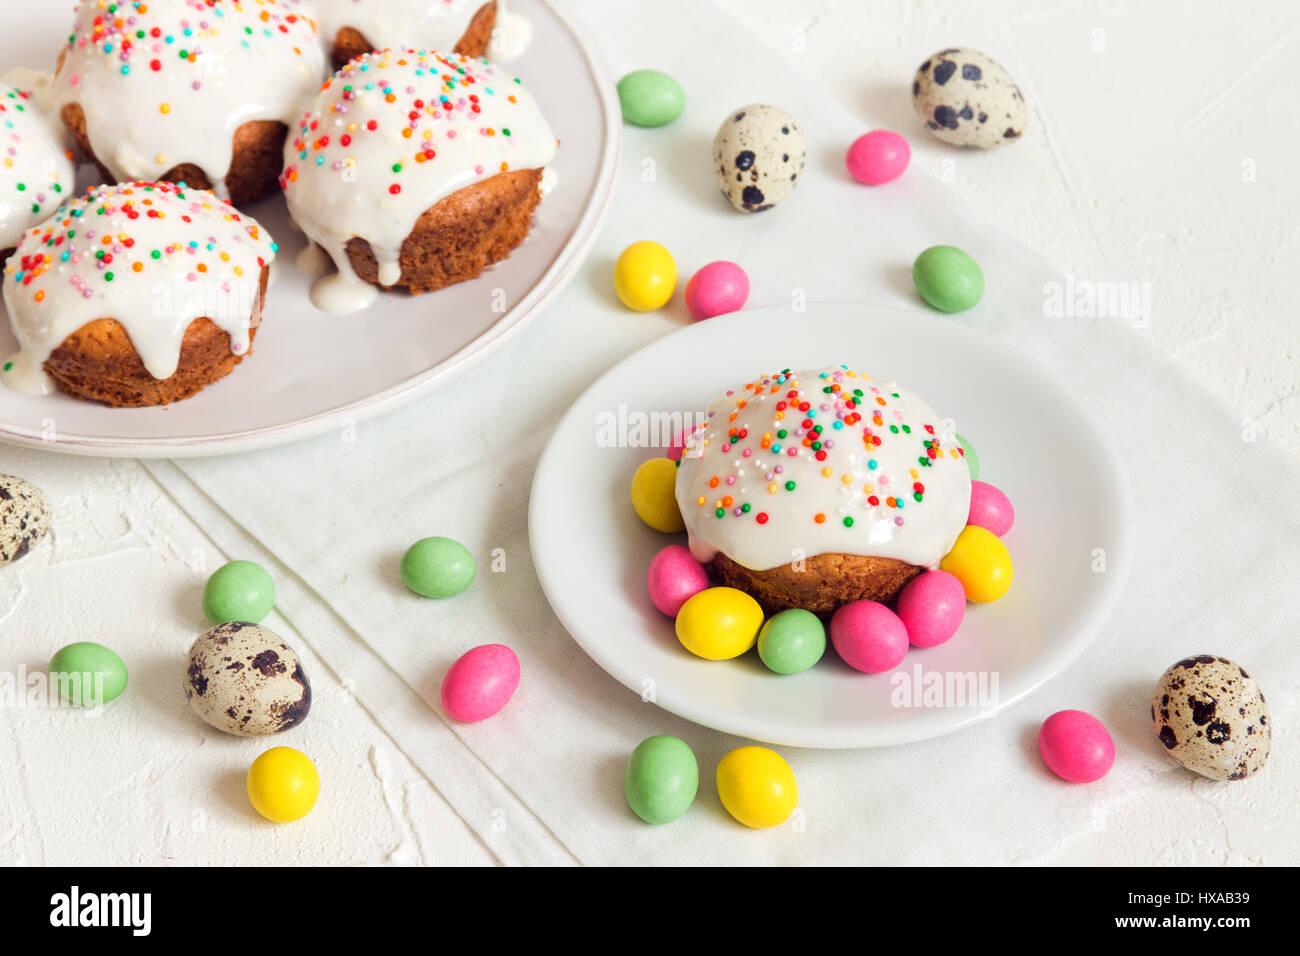 Pasteles de Pascua con blanco escarcha y decoración festiva de Pascua sobre fondo blanco con espacio de copia Imagen De Stock